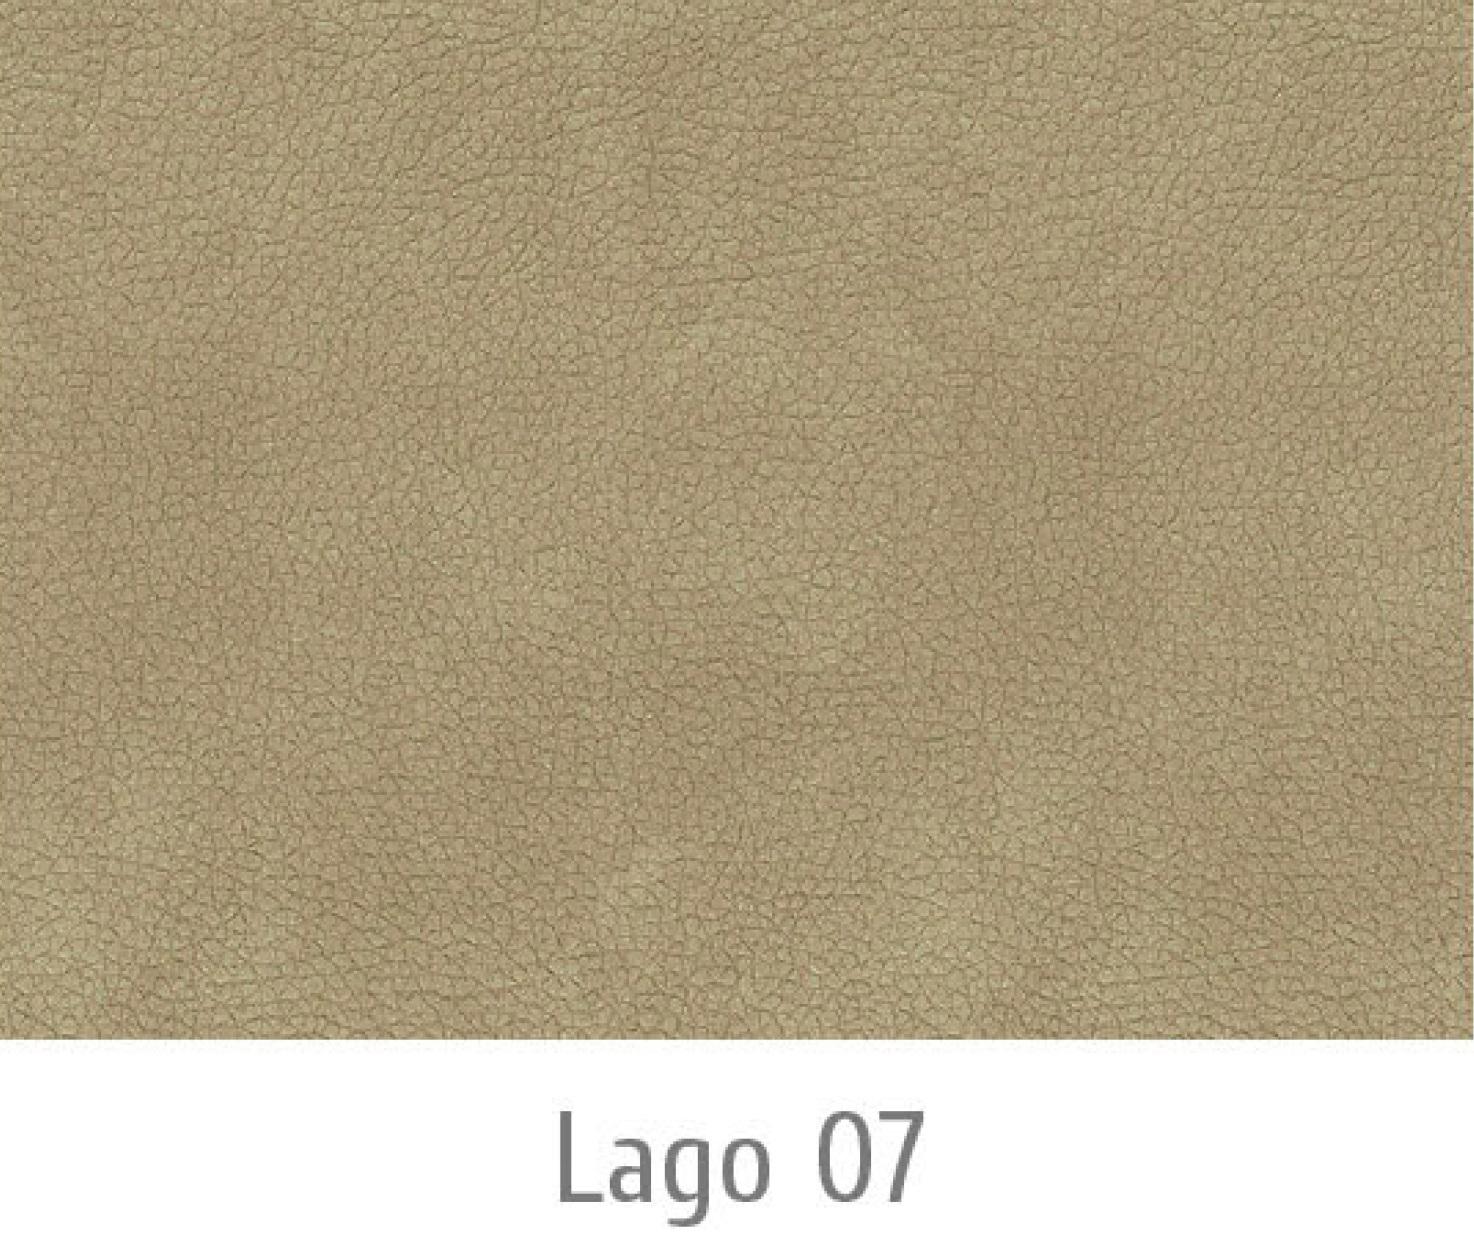 Lago07